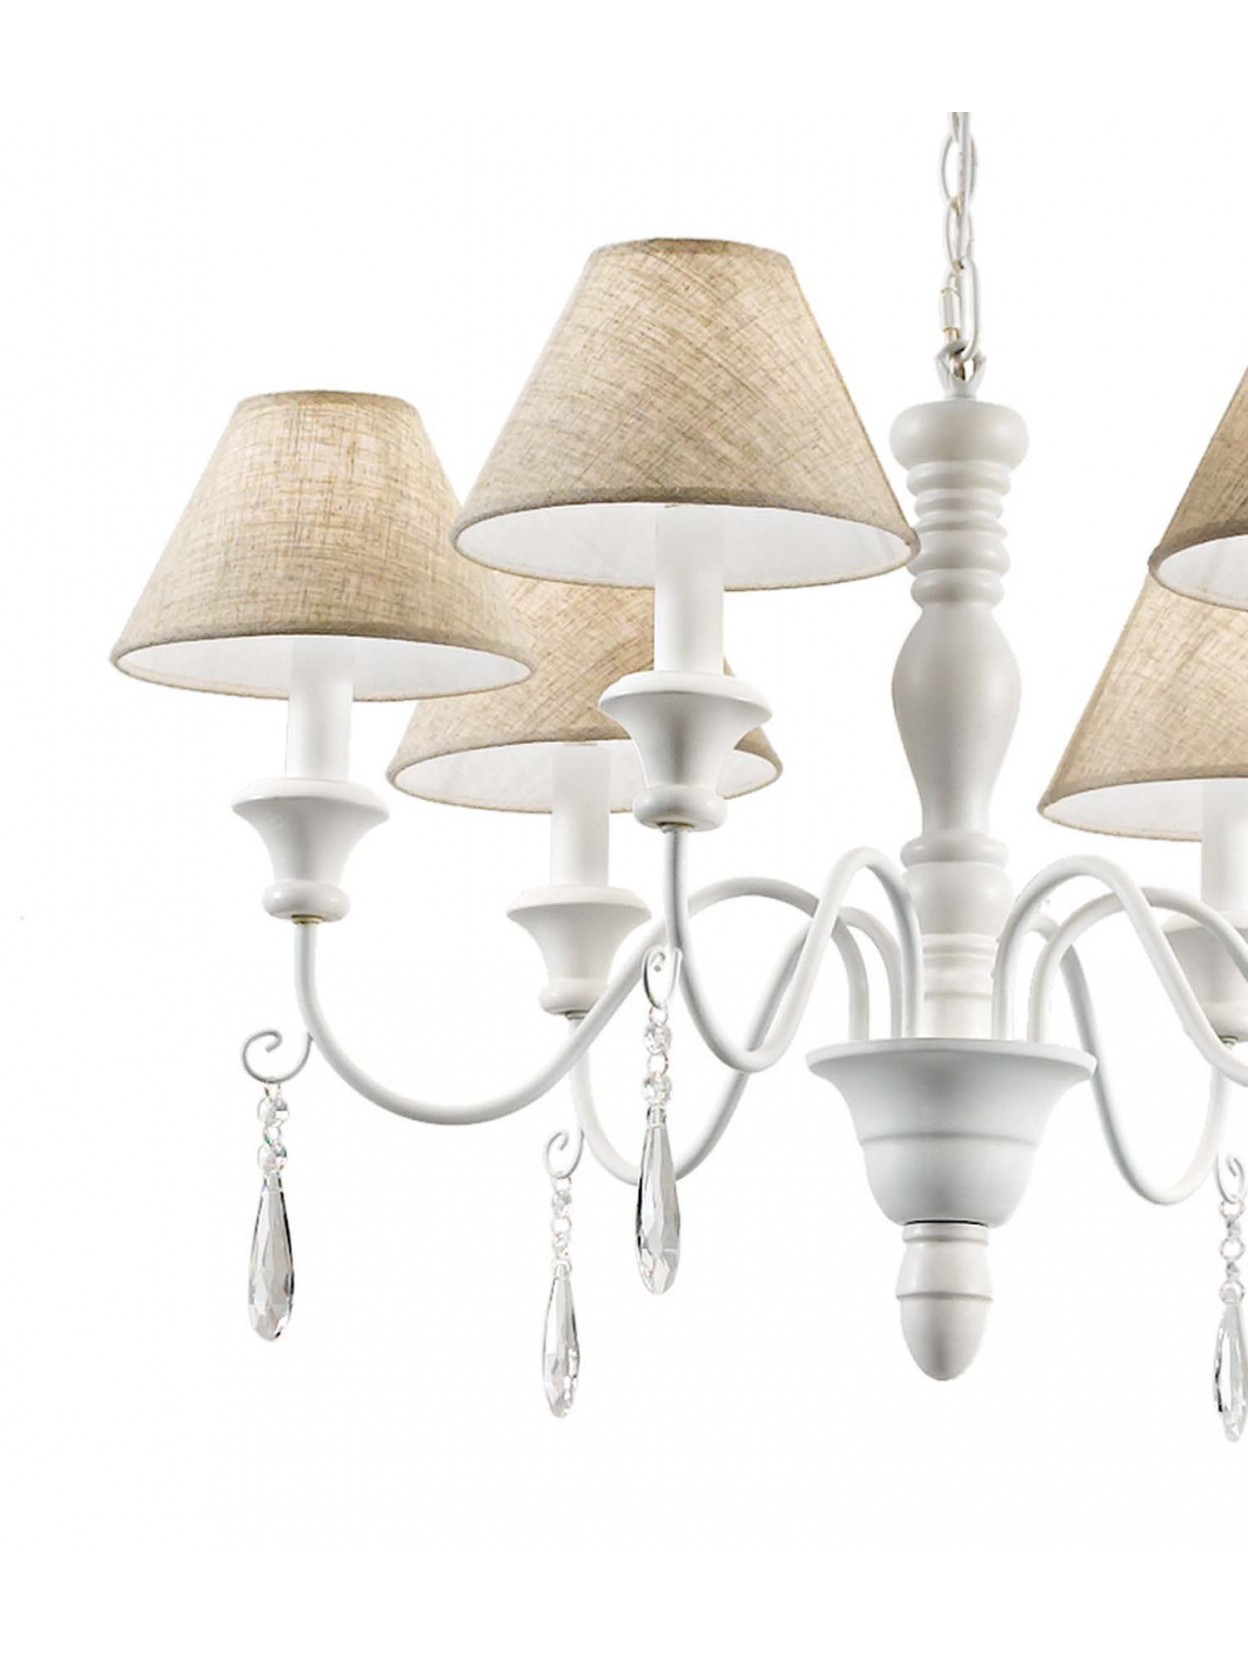 Lampadario contemporaneo 6 luci con paralumi provence bianco for Lampadario contemporaneo